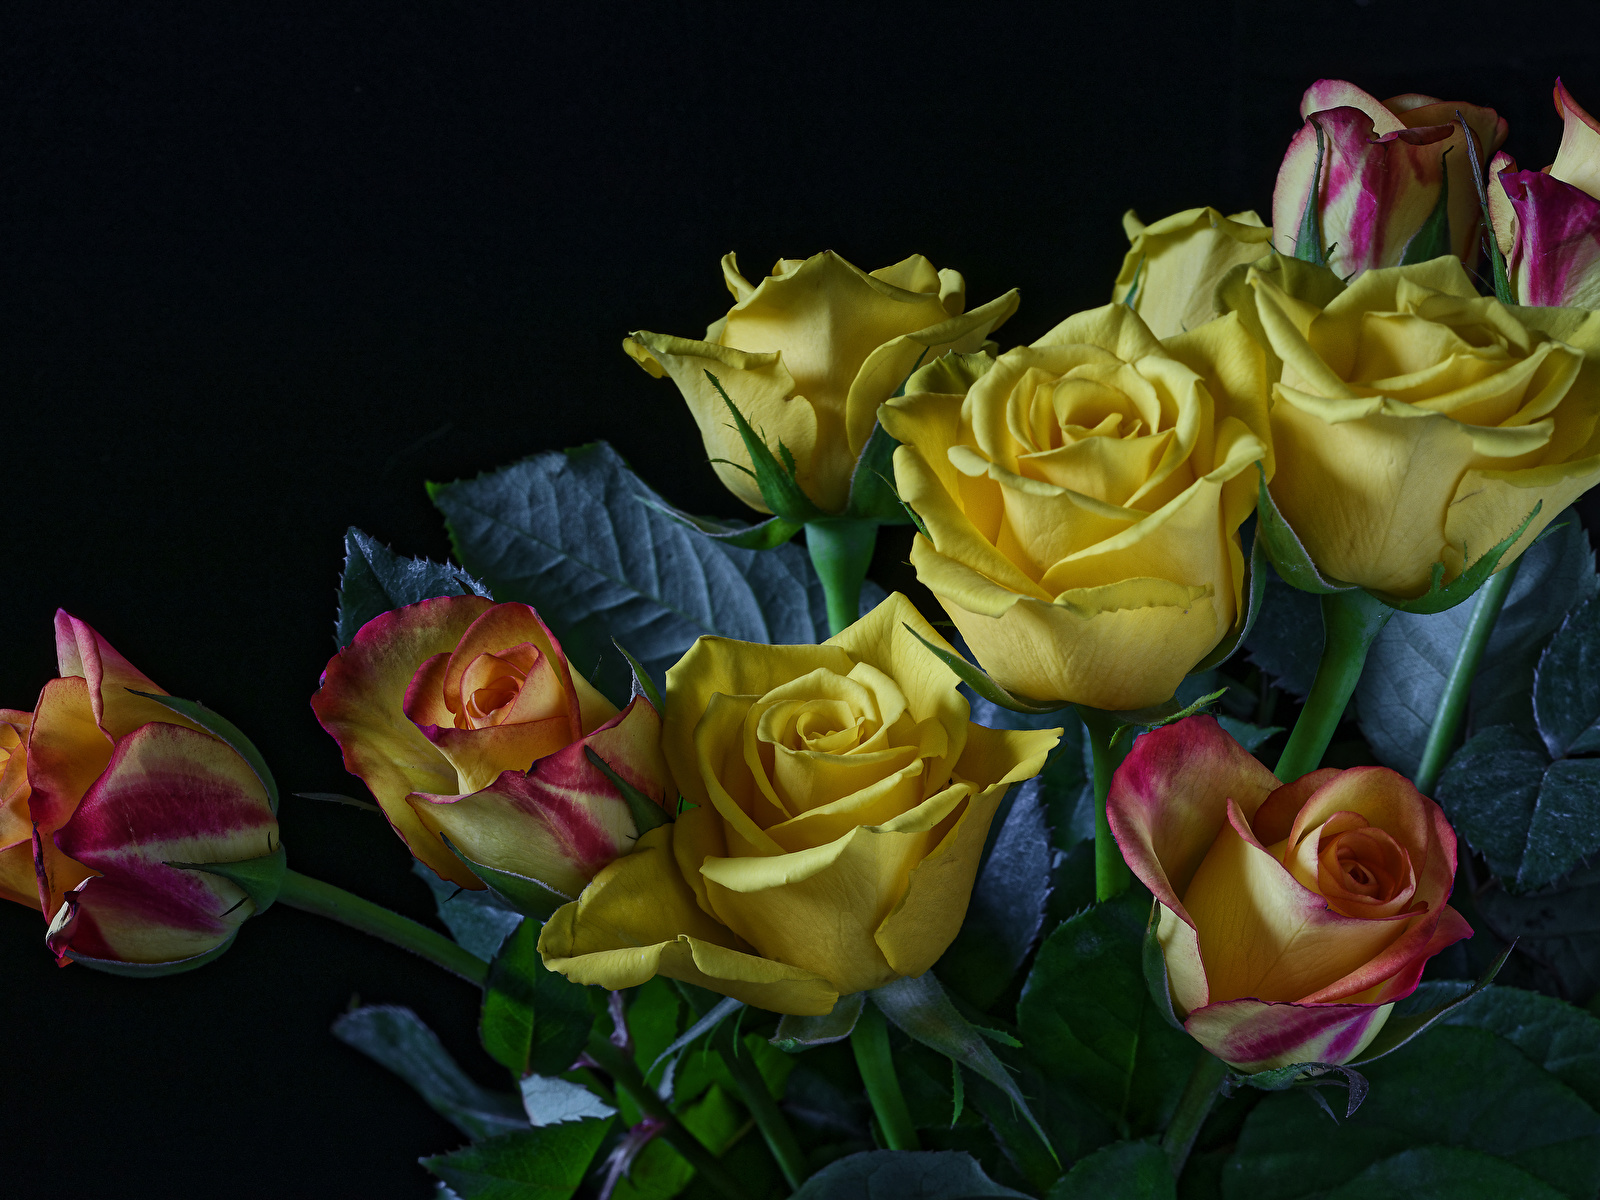 Обои для рабочего стола Розы Желтый Цветы Черный фон 1600x1200 роза желтых желтая желтые цветок на черном фоне